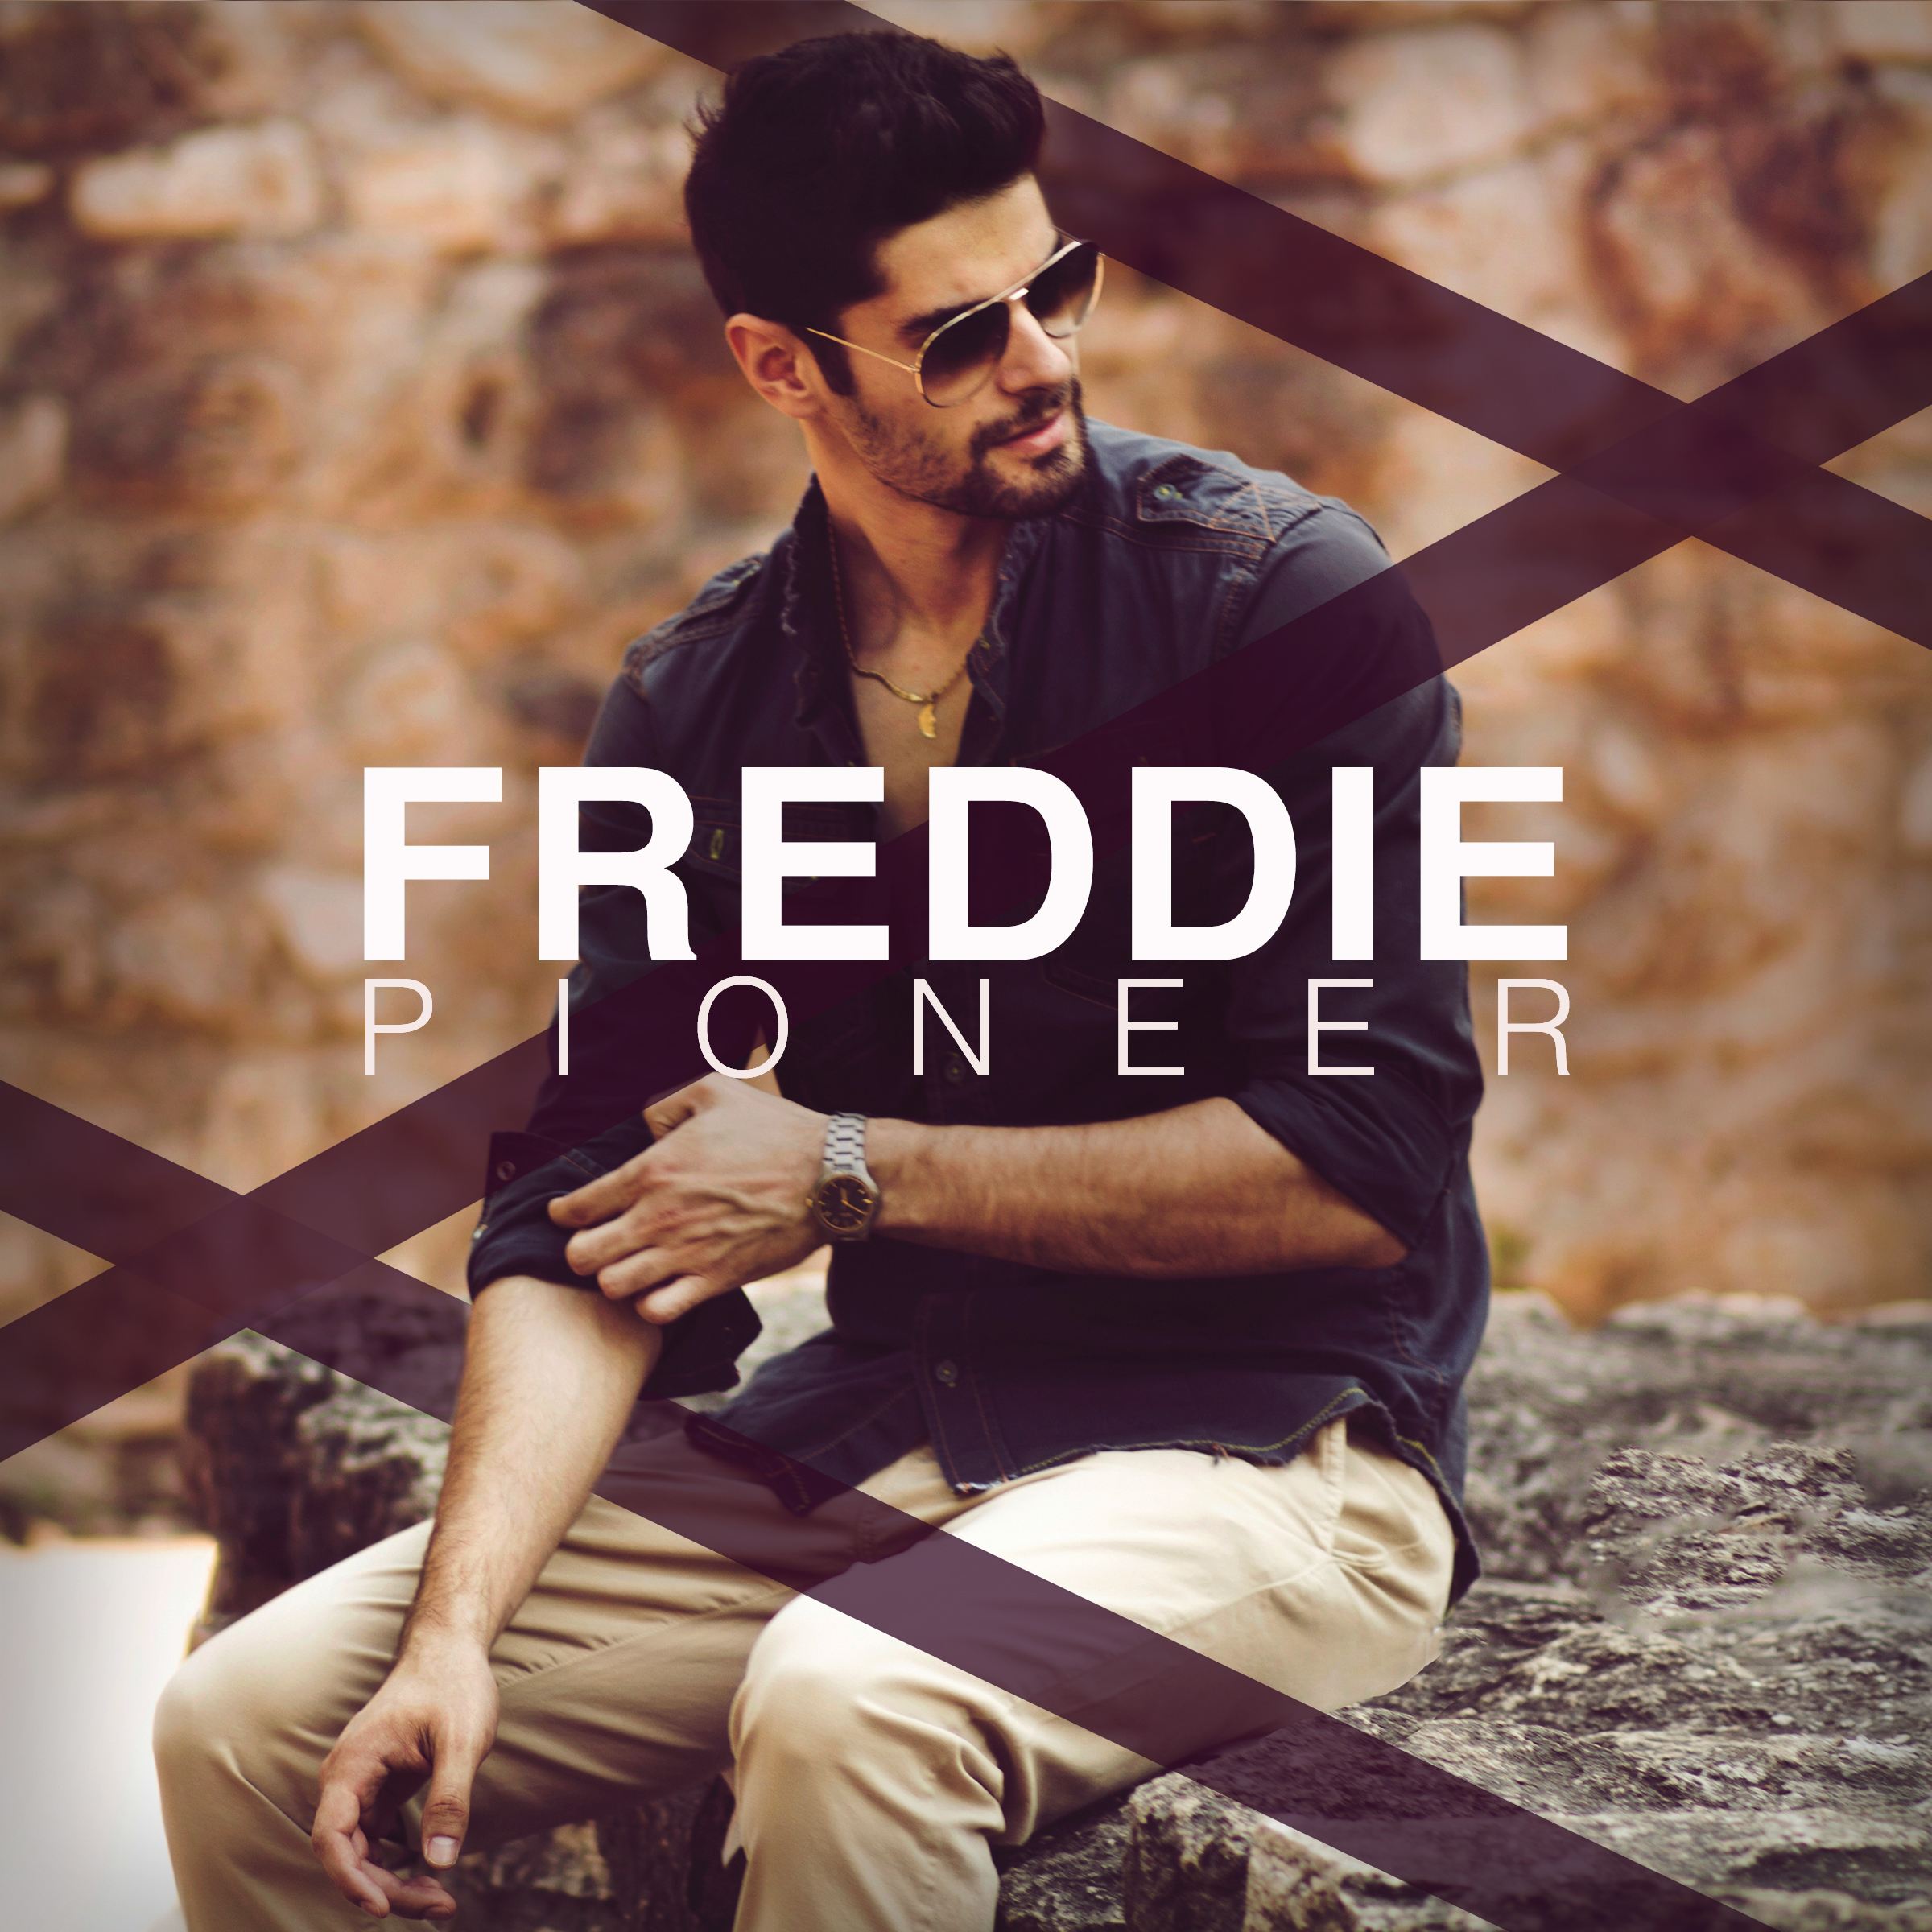 FREDDIE_PIONEER_7